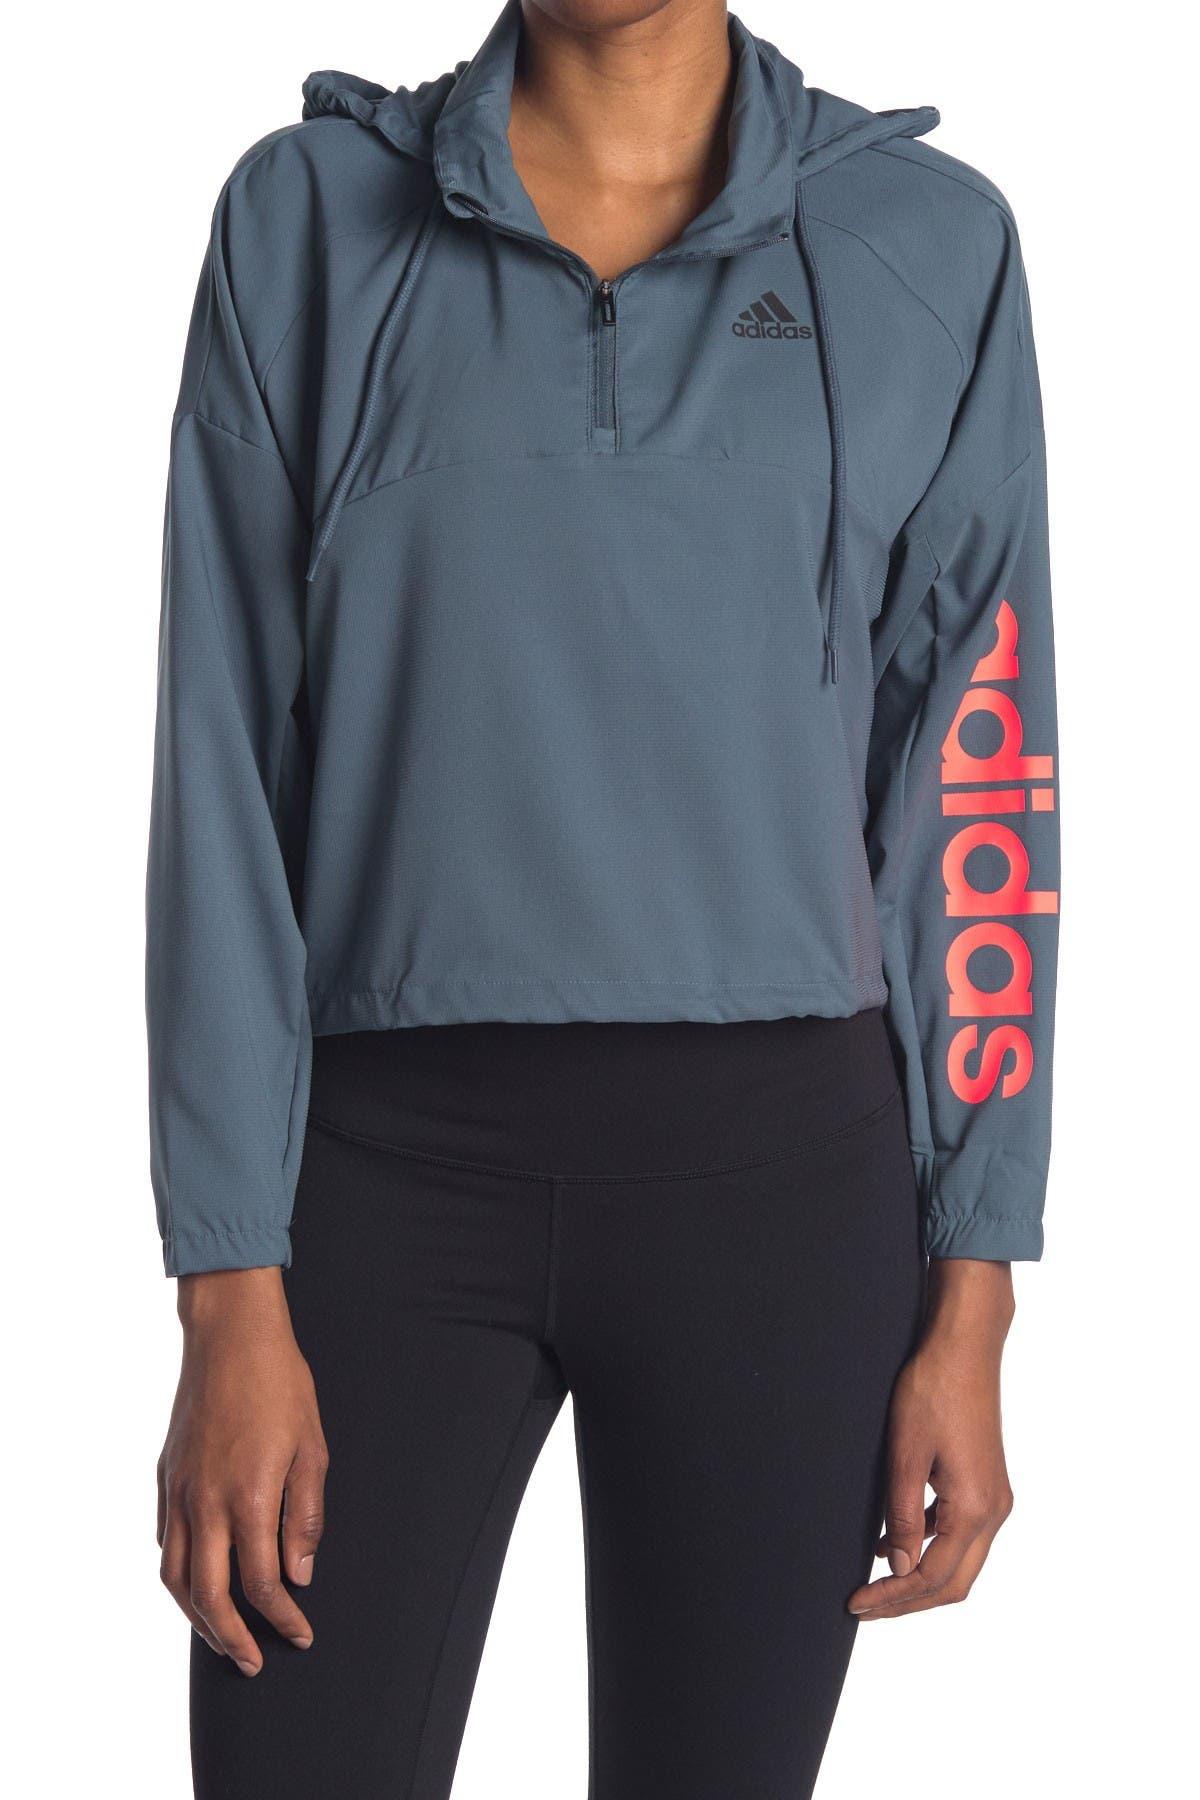 Image of adidas Cropped 3/4 Zip Hoodie